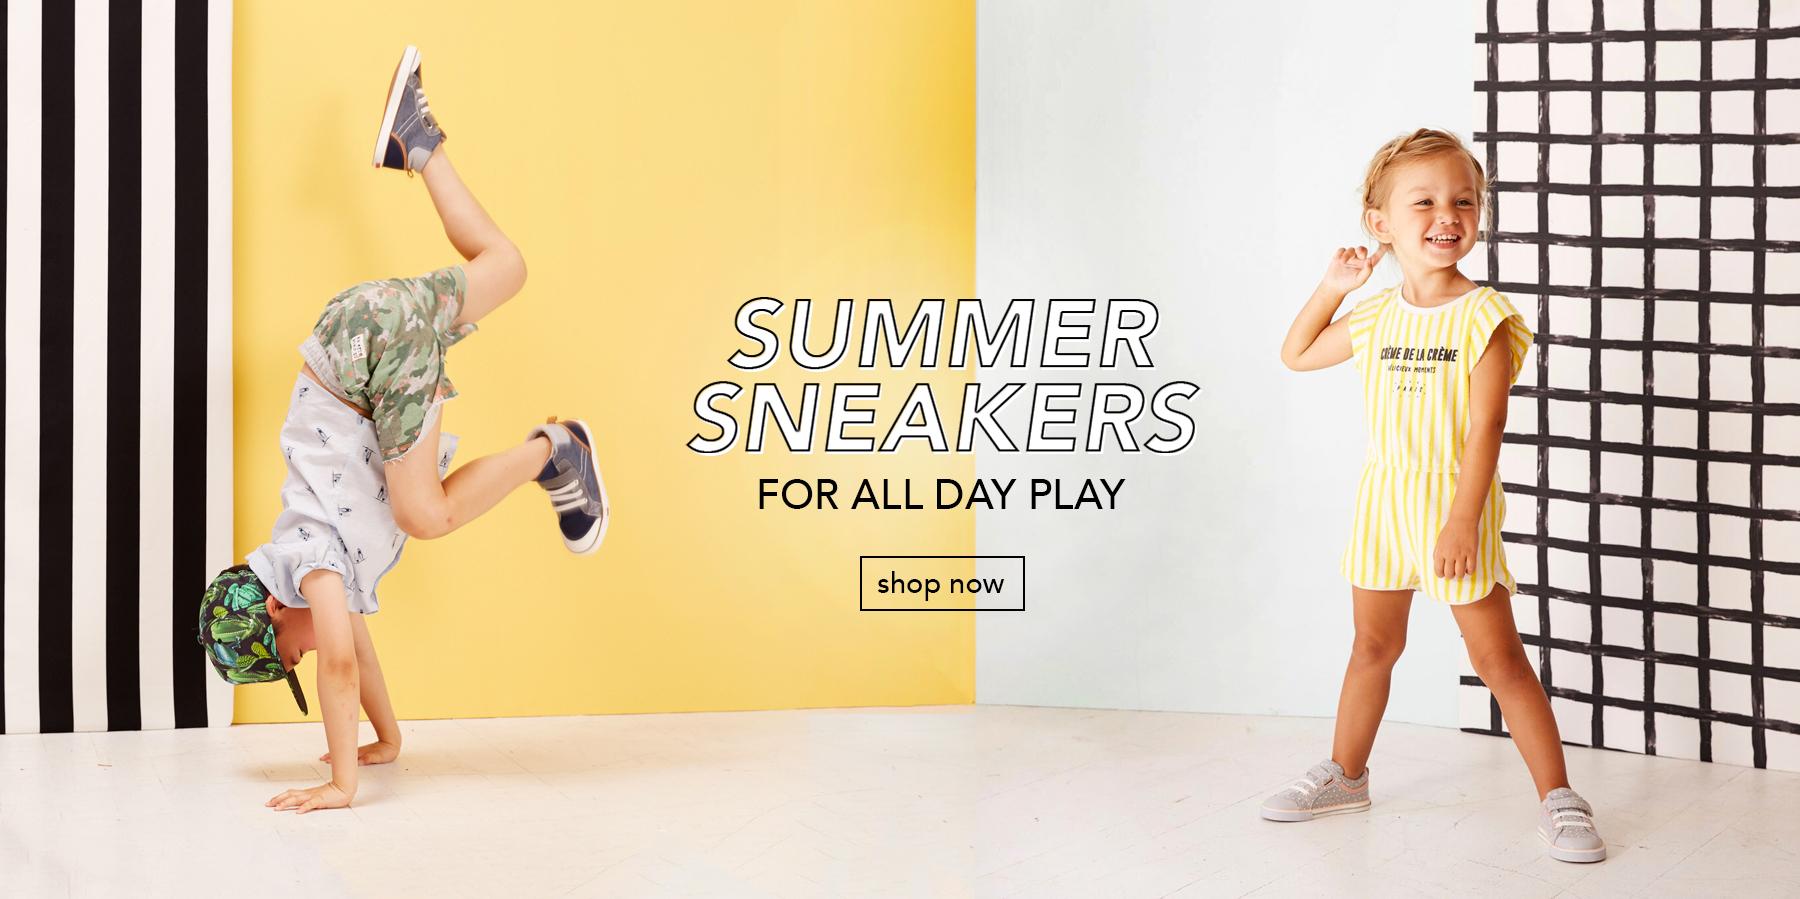 summersneakers.jpg